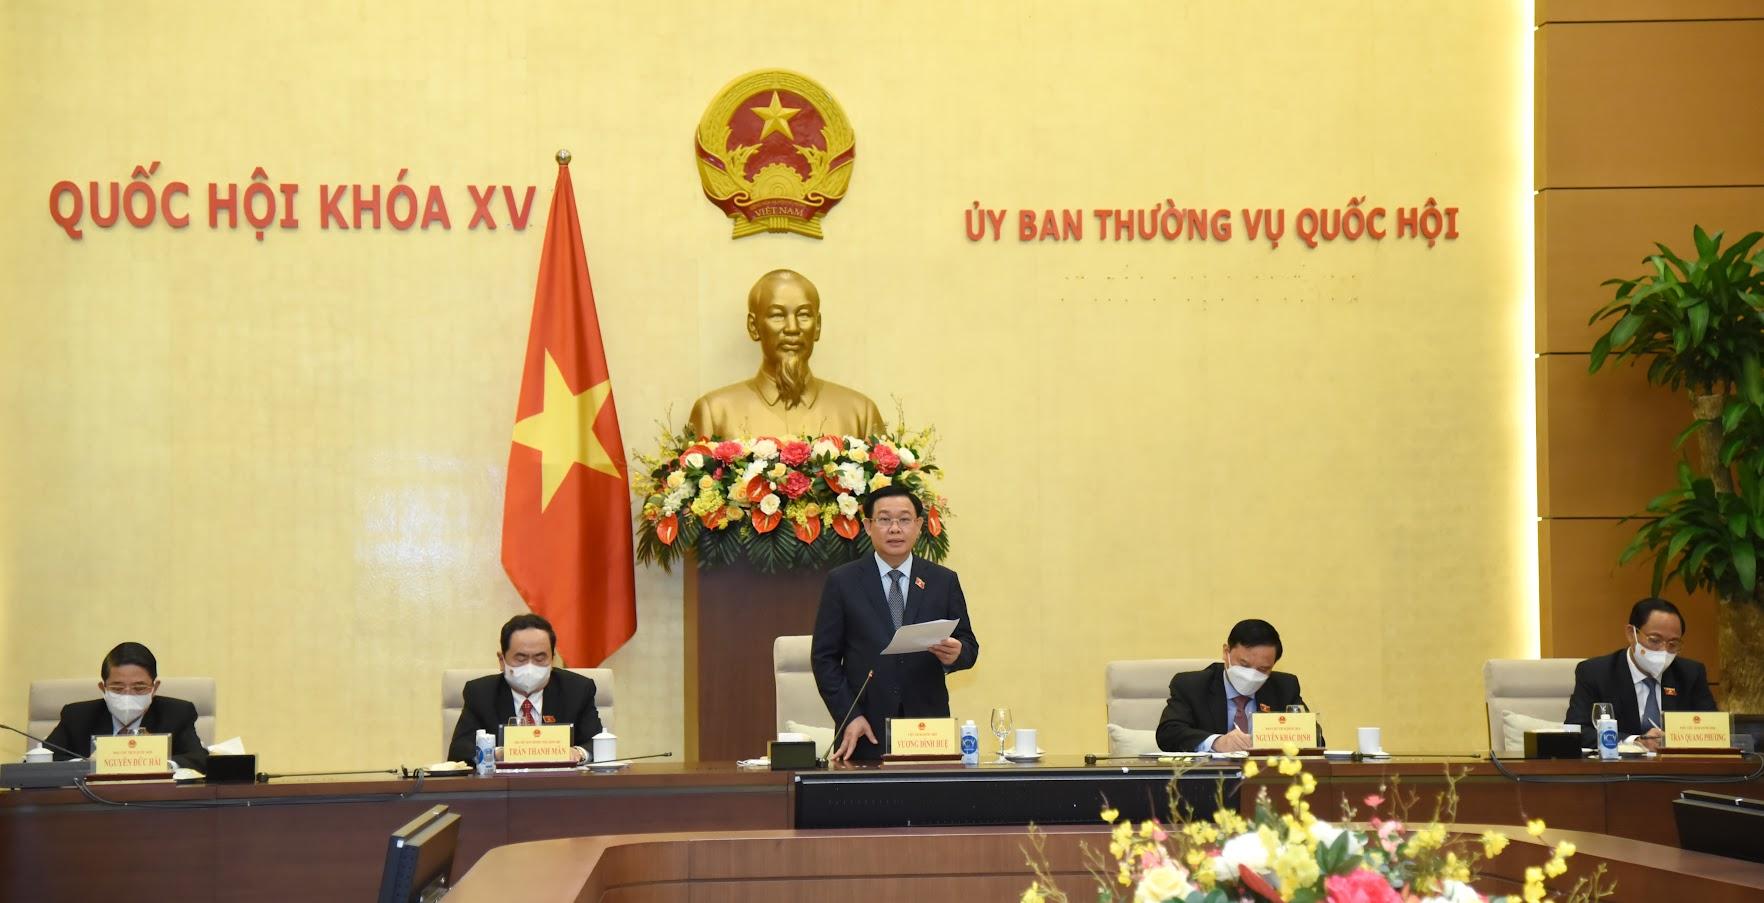 Chủ tịch Quốc hội Vương Đình Huệ: Quốc hội sẽ quyết nghị về phòng, chống Covid-19